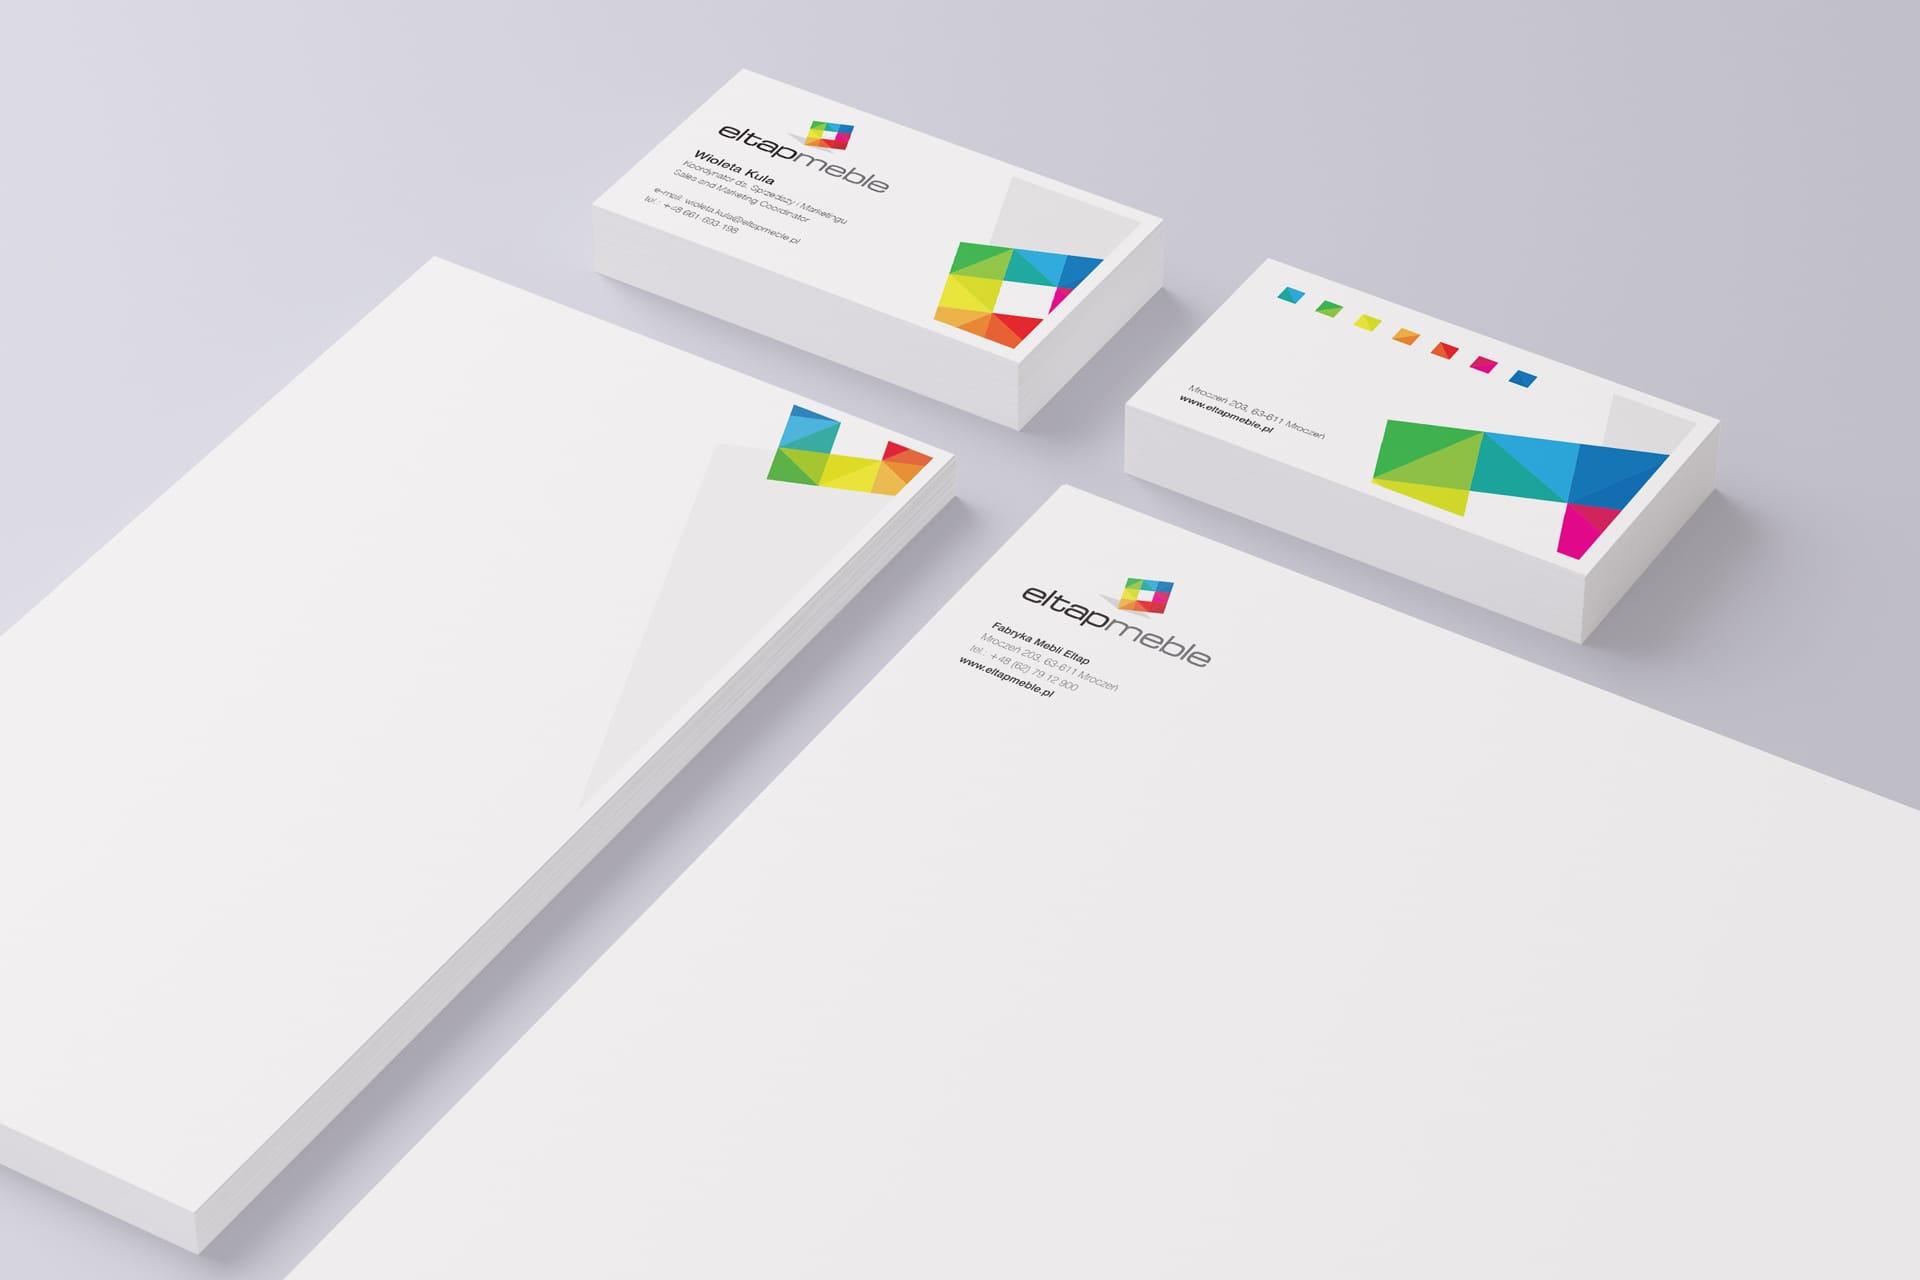 Eltap Meble akcydensy projektowanie identyfikacje wizualne logo firmowe katalogi reklamowe responsywne strony internetowe Agencja brandingowa Moweli Creative Dąbrowa Górnicza Kraków Wrocław Gdańsk Warszawa